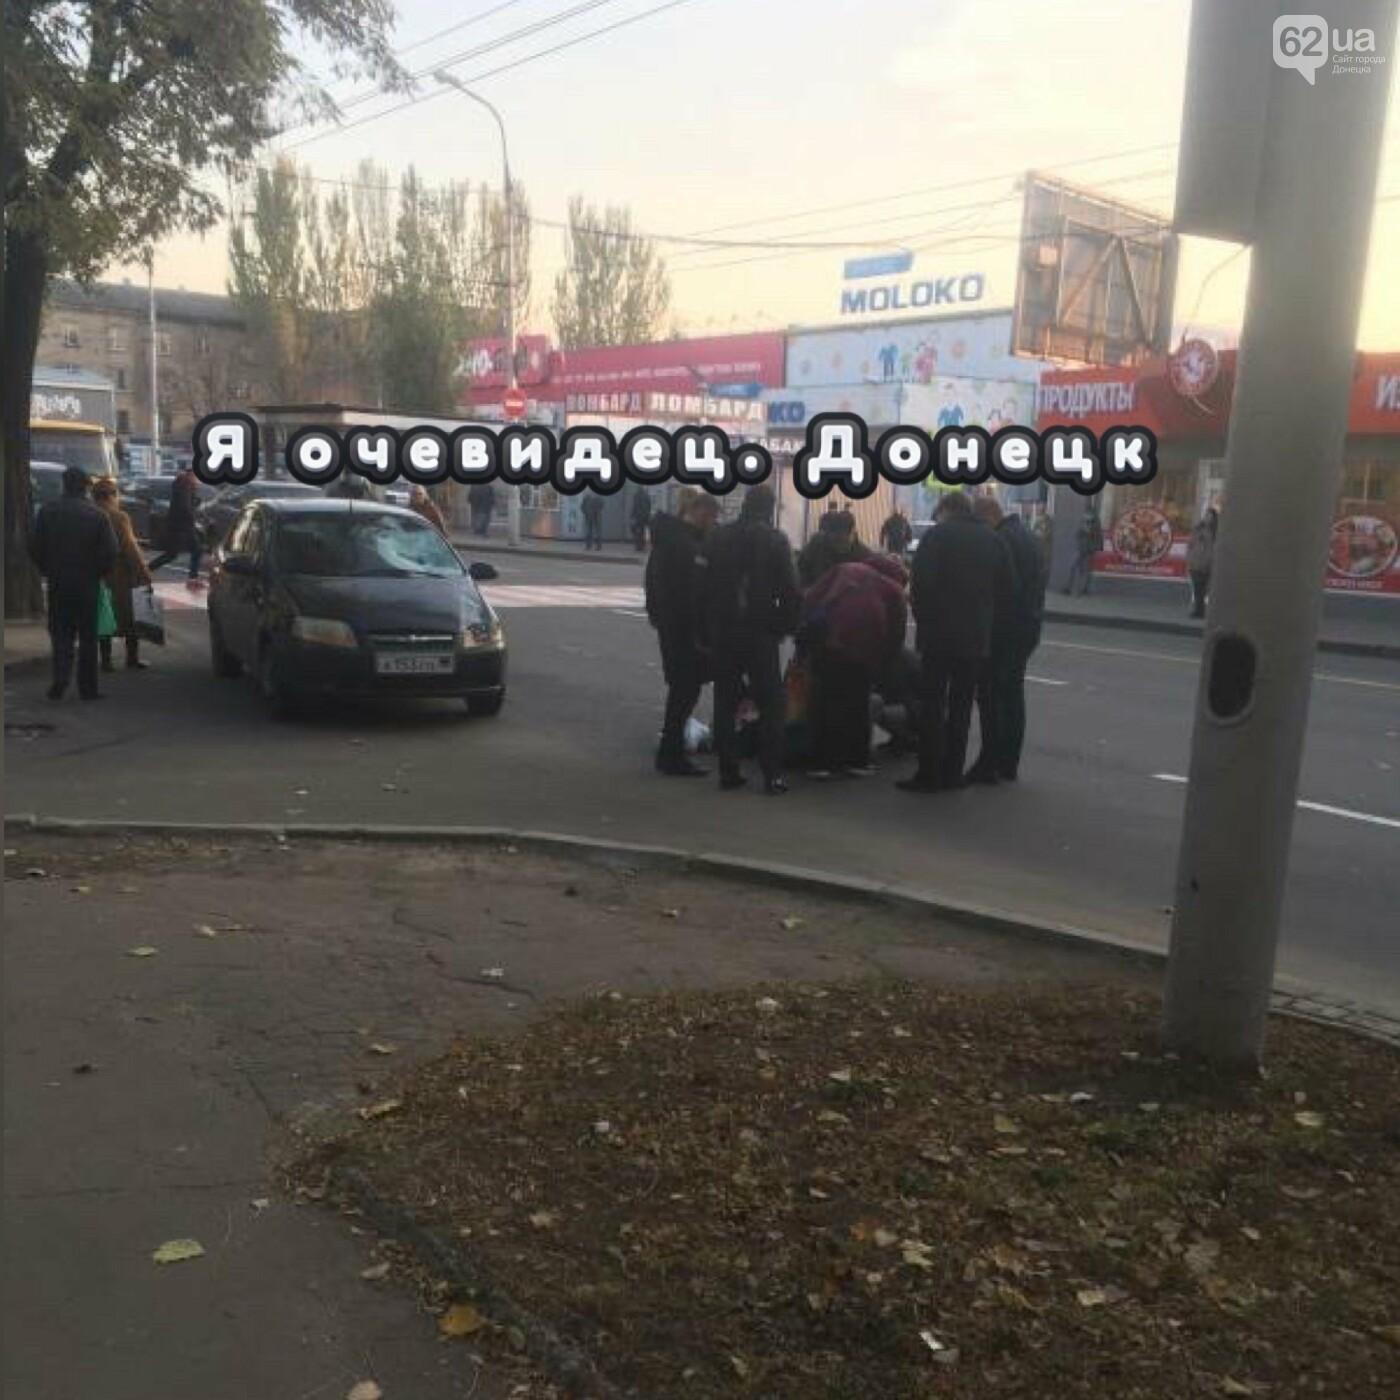 В центре Донецка на пешеходном переходе сбили женщину с ребенком, - ФОТО, фото-1